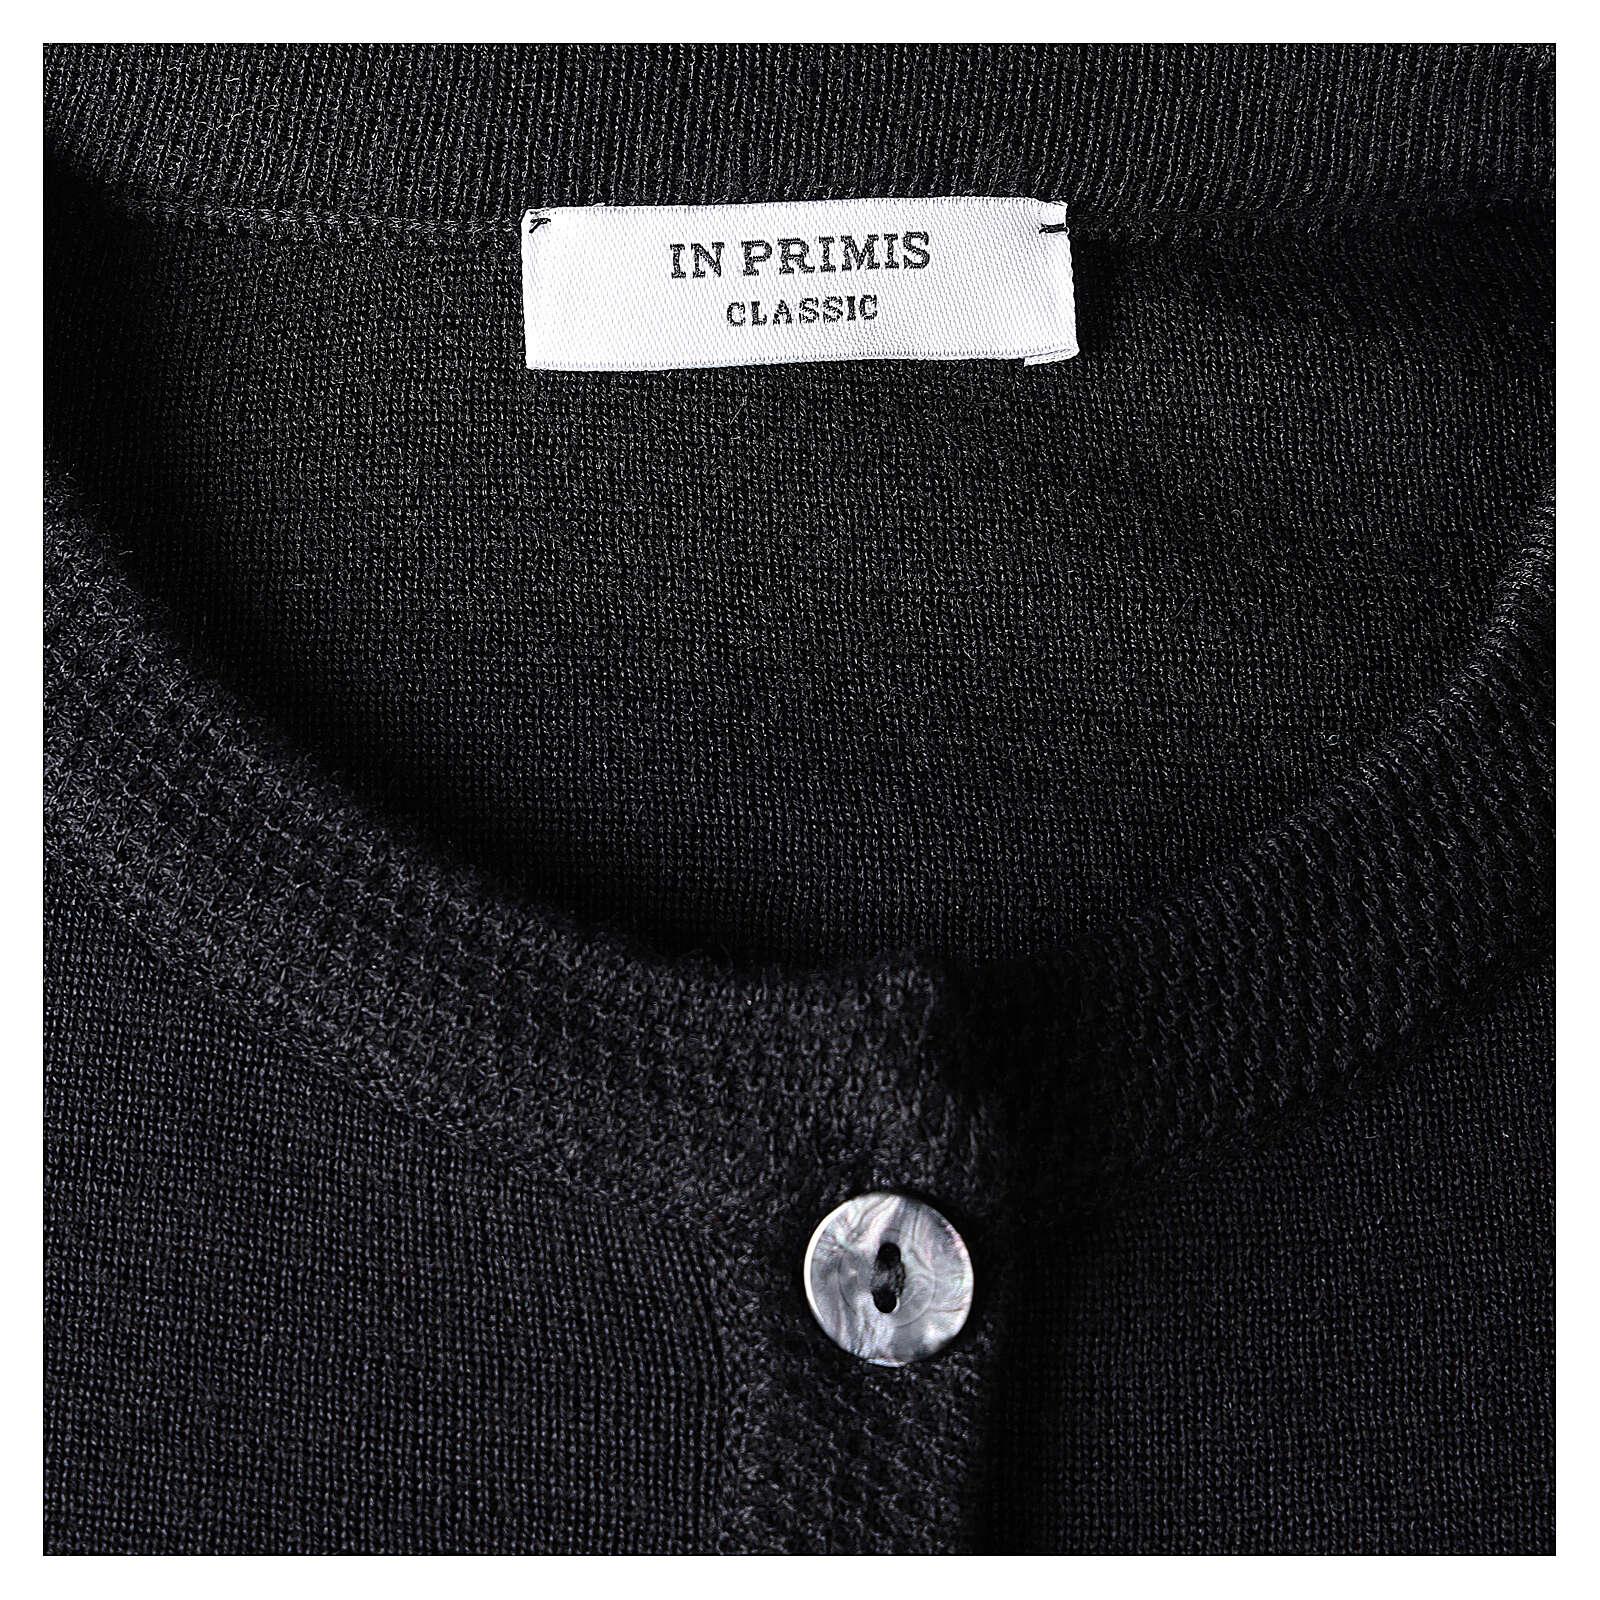 Cardigan suora nero coreana tasche TAGLIE CONF. 50% acr. 50% merino In Primis 4